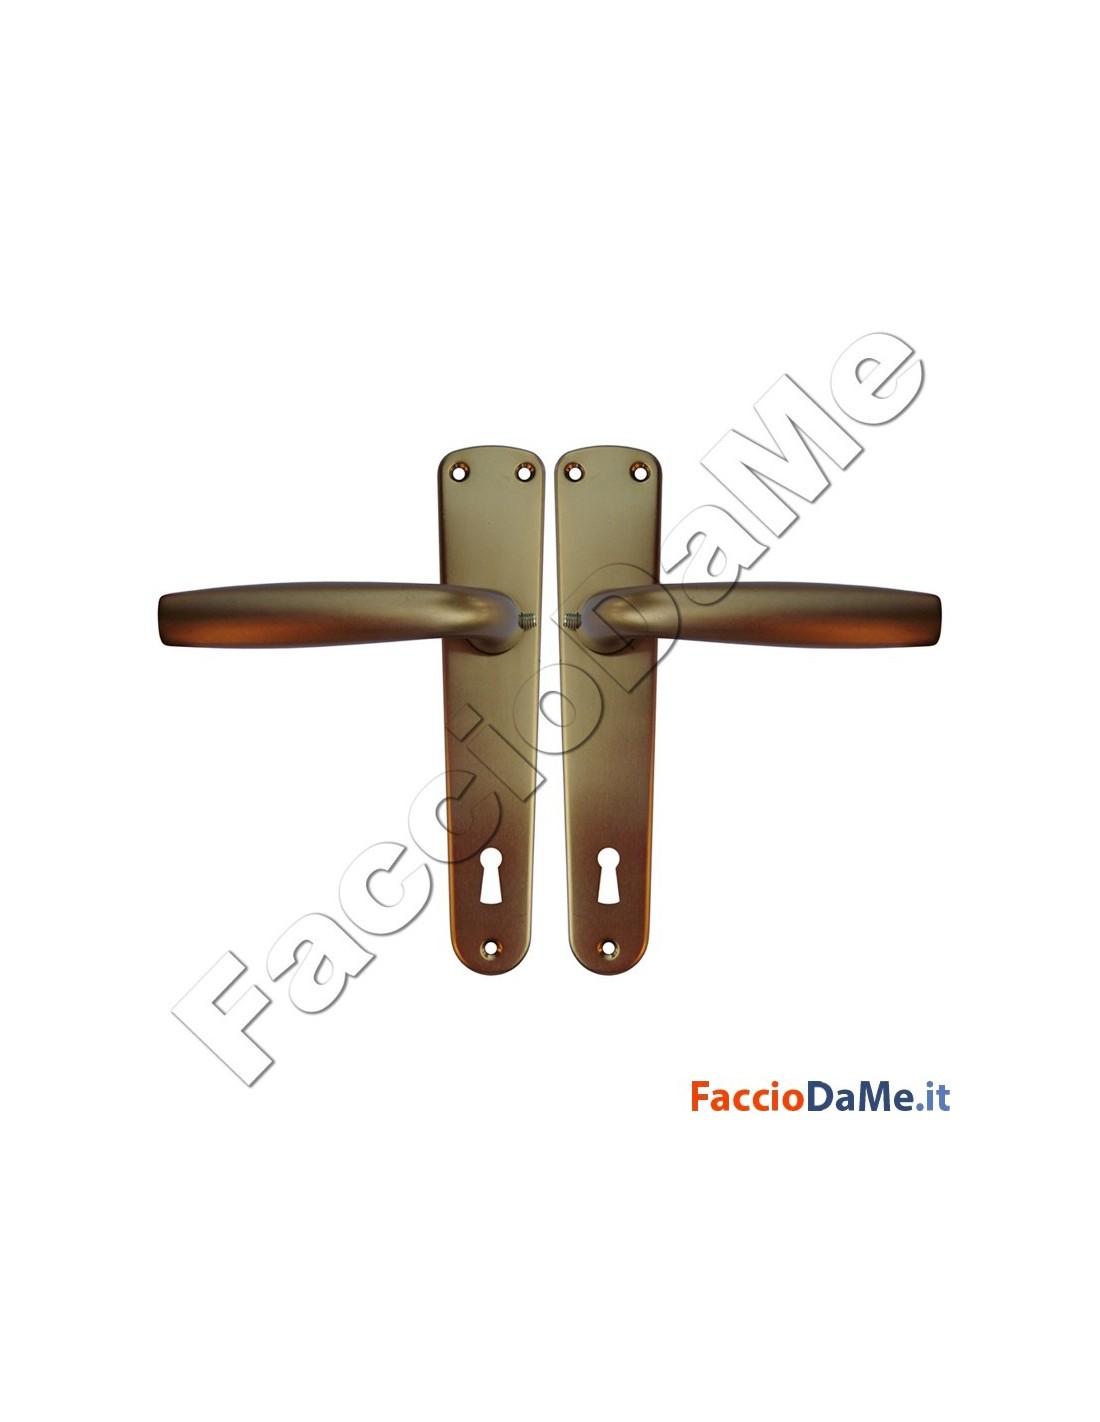 Maniglie cremonesi per porte e finestre serie standard in alluminio anodizzato bronzo - Maniglie per porte e finestre ...